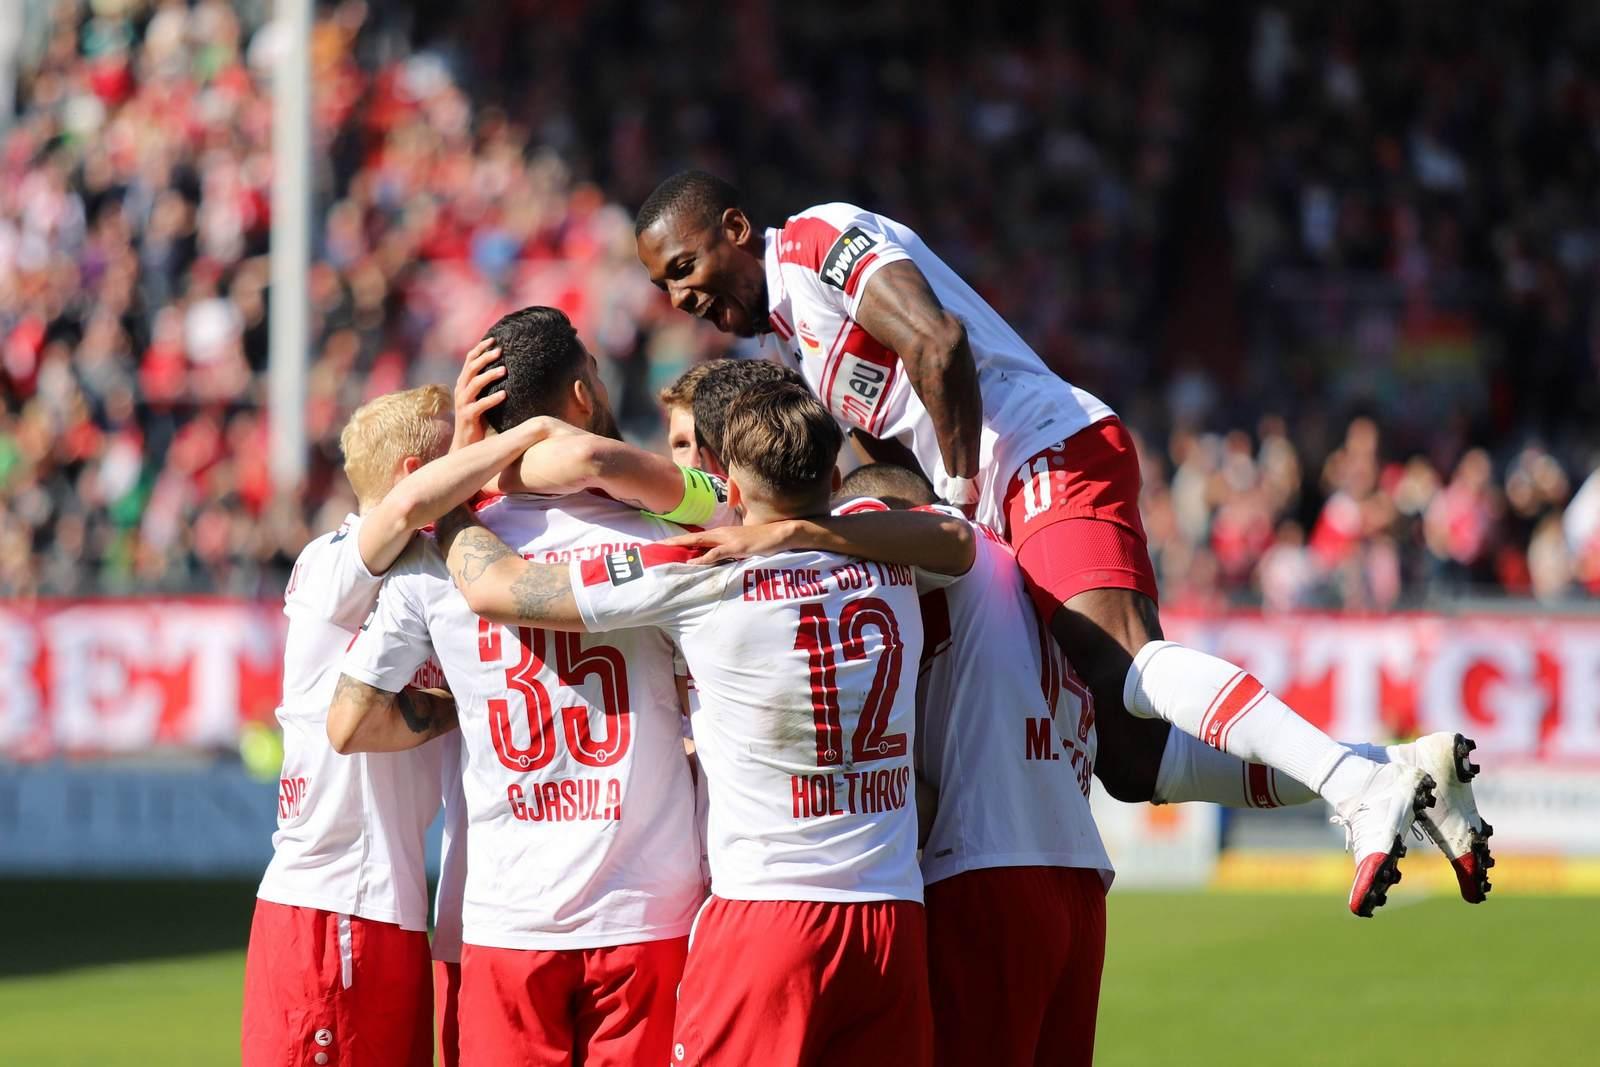 Jubeltraube des FC Energie Cottbus in der Partie gegen Fortuna Köln